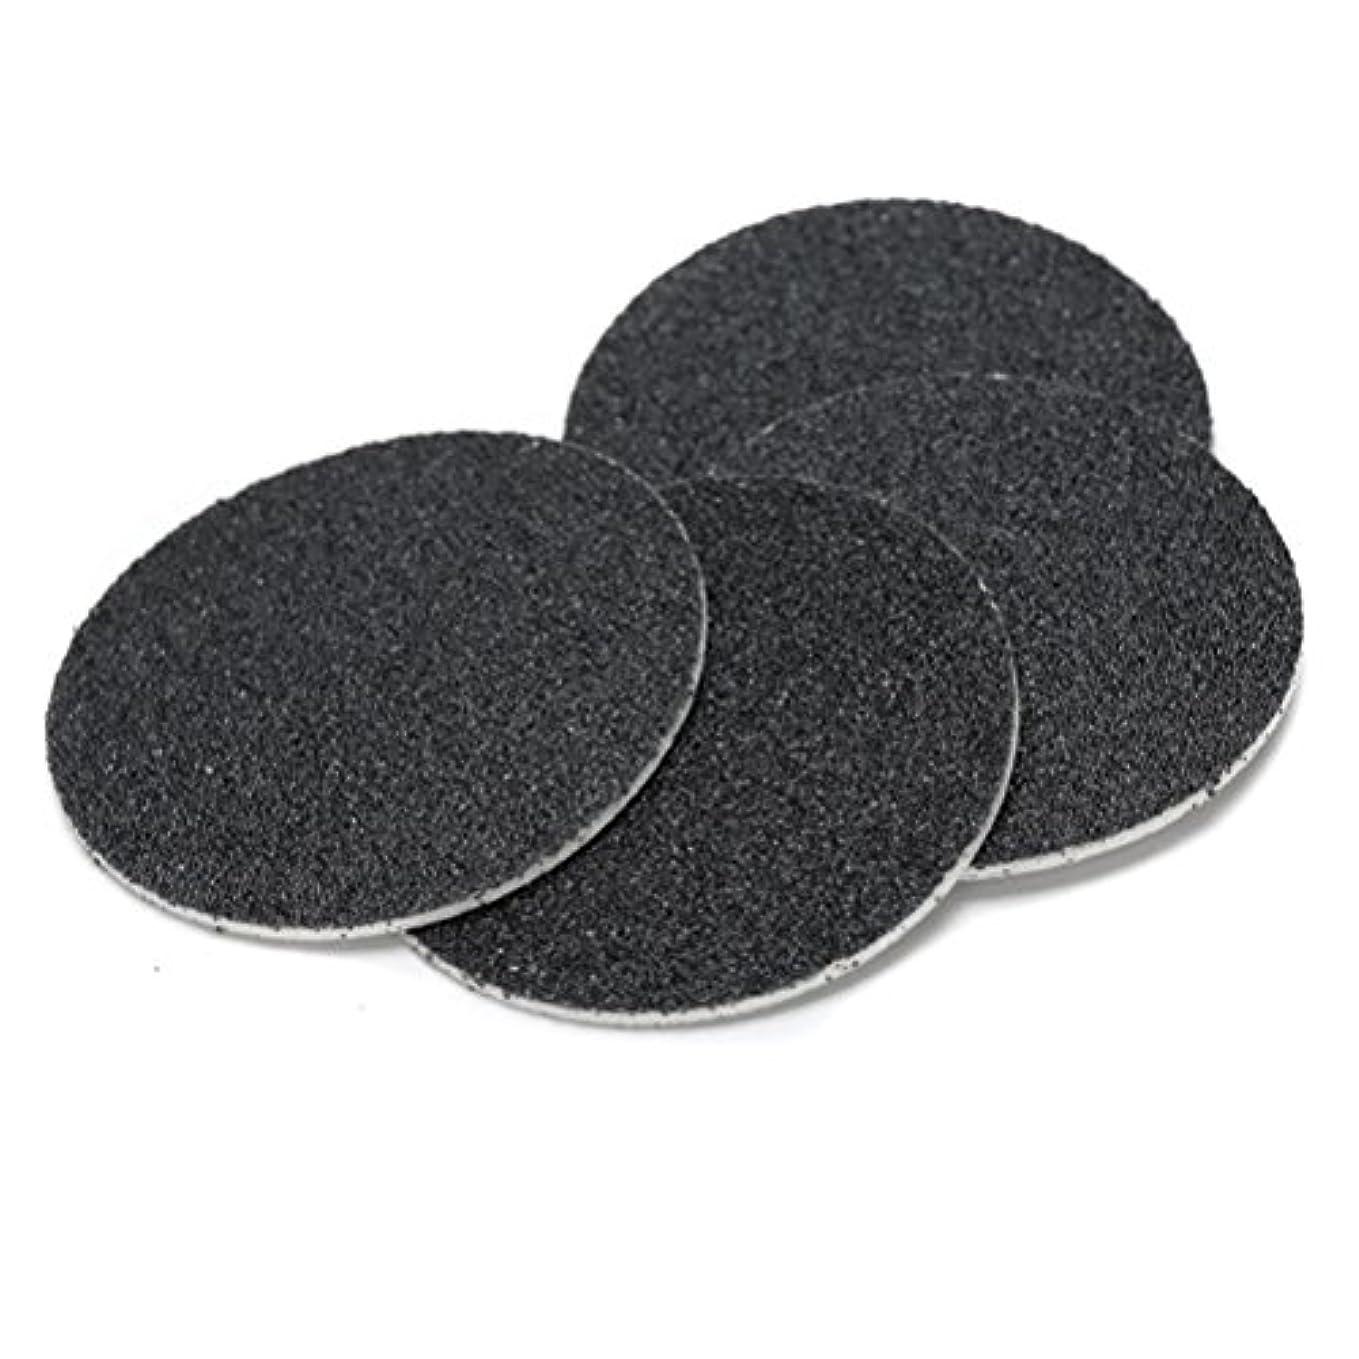 変更可能ブレーキ平衡Joint Victory Pedicure Tools 1 Box (60pcs) Replacement Sandpaper Discs Pad for Electric Foot File Callus Remover...